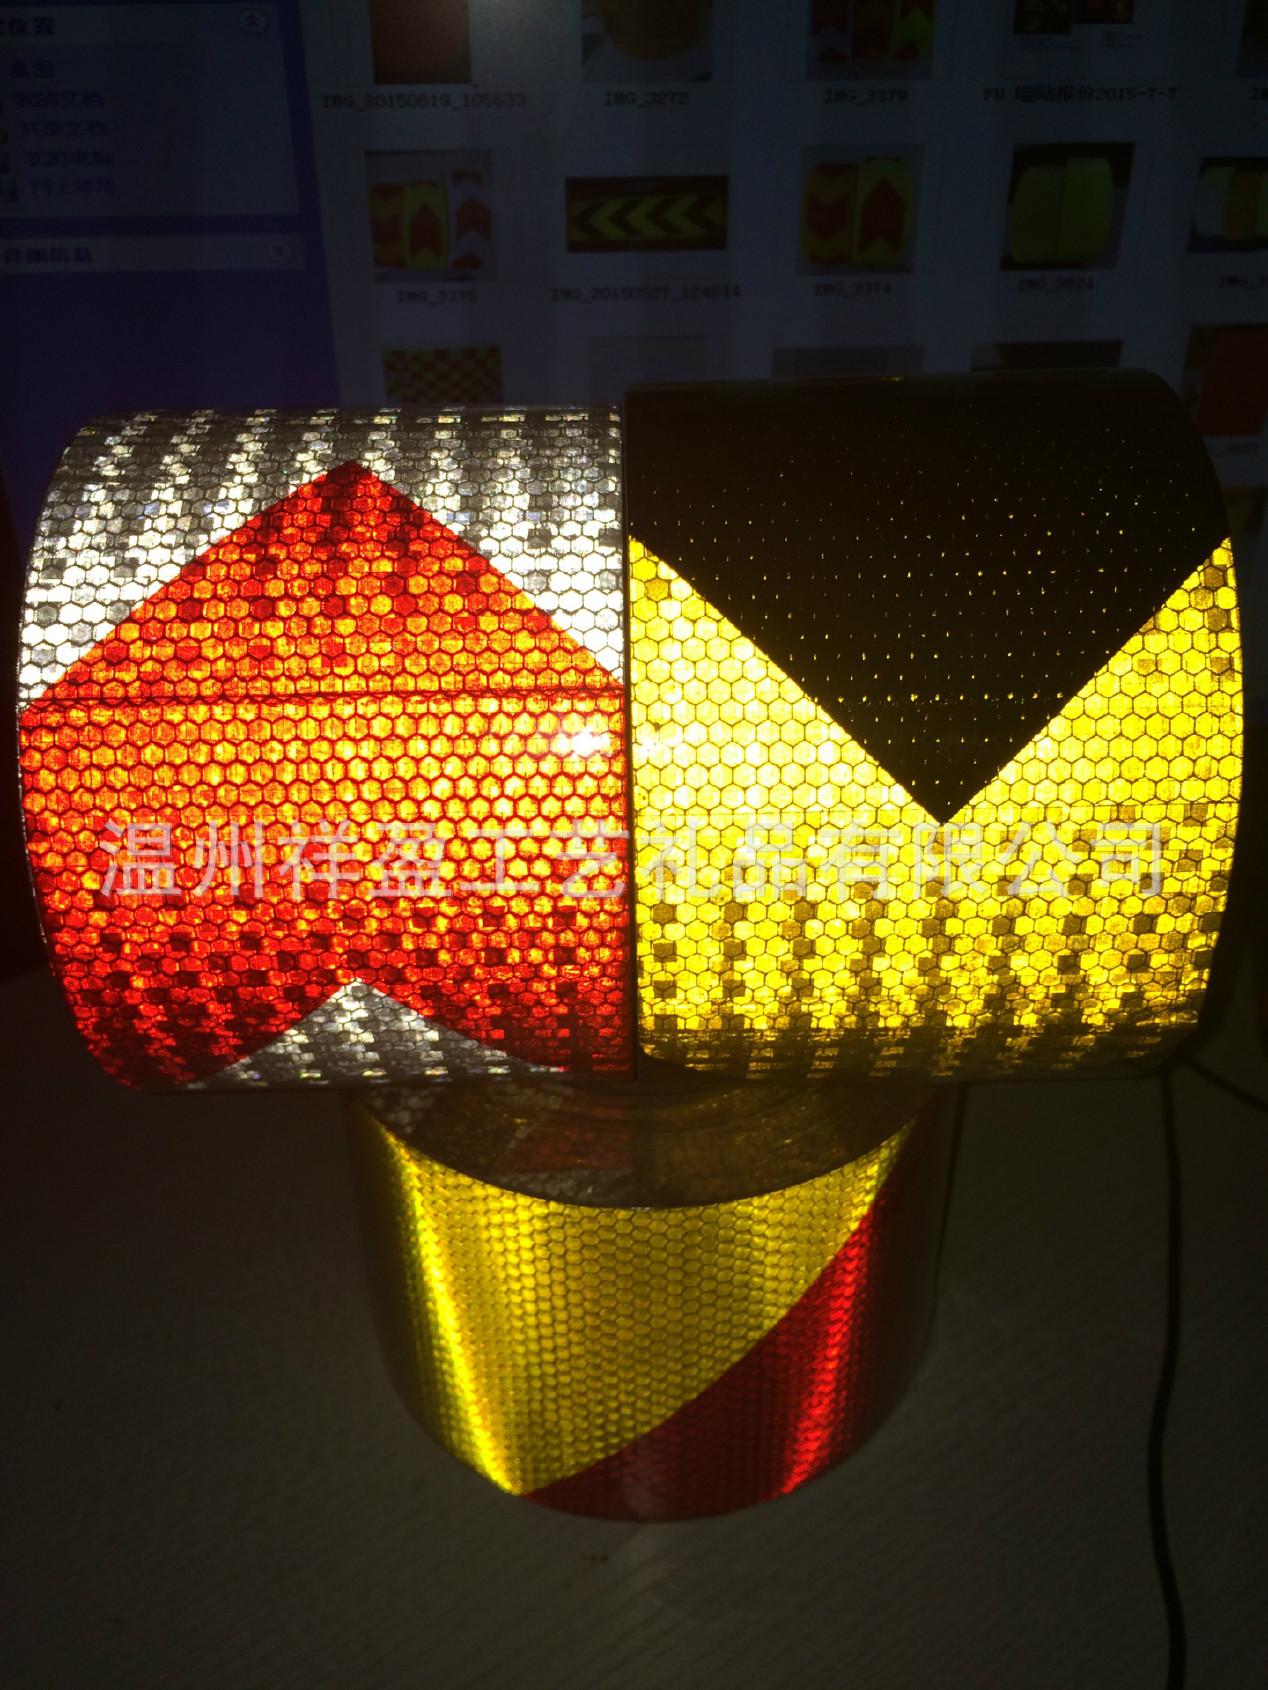 晶彩格反光膜1045m 反光膜/pvc反光贴 反光警示胶带